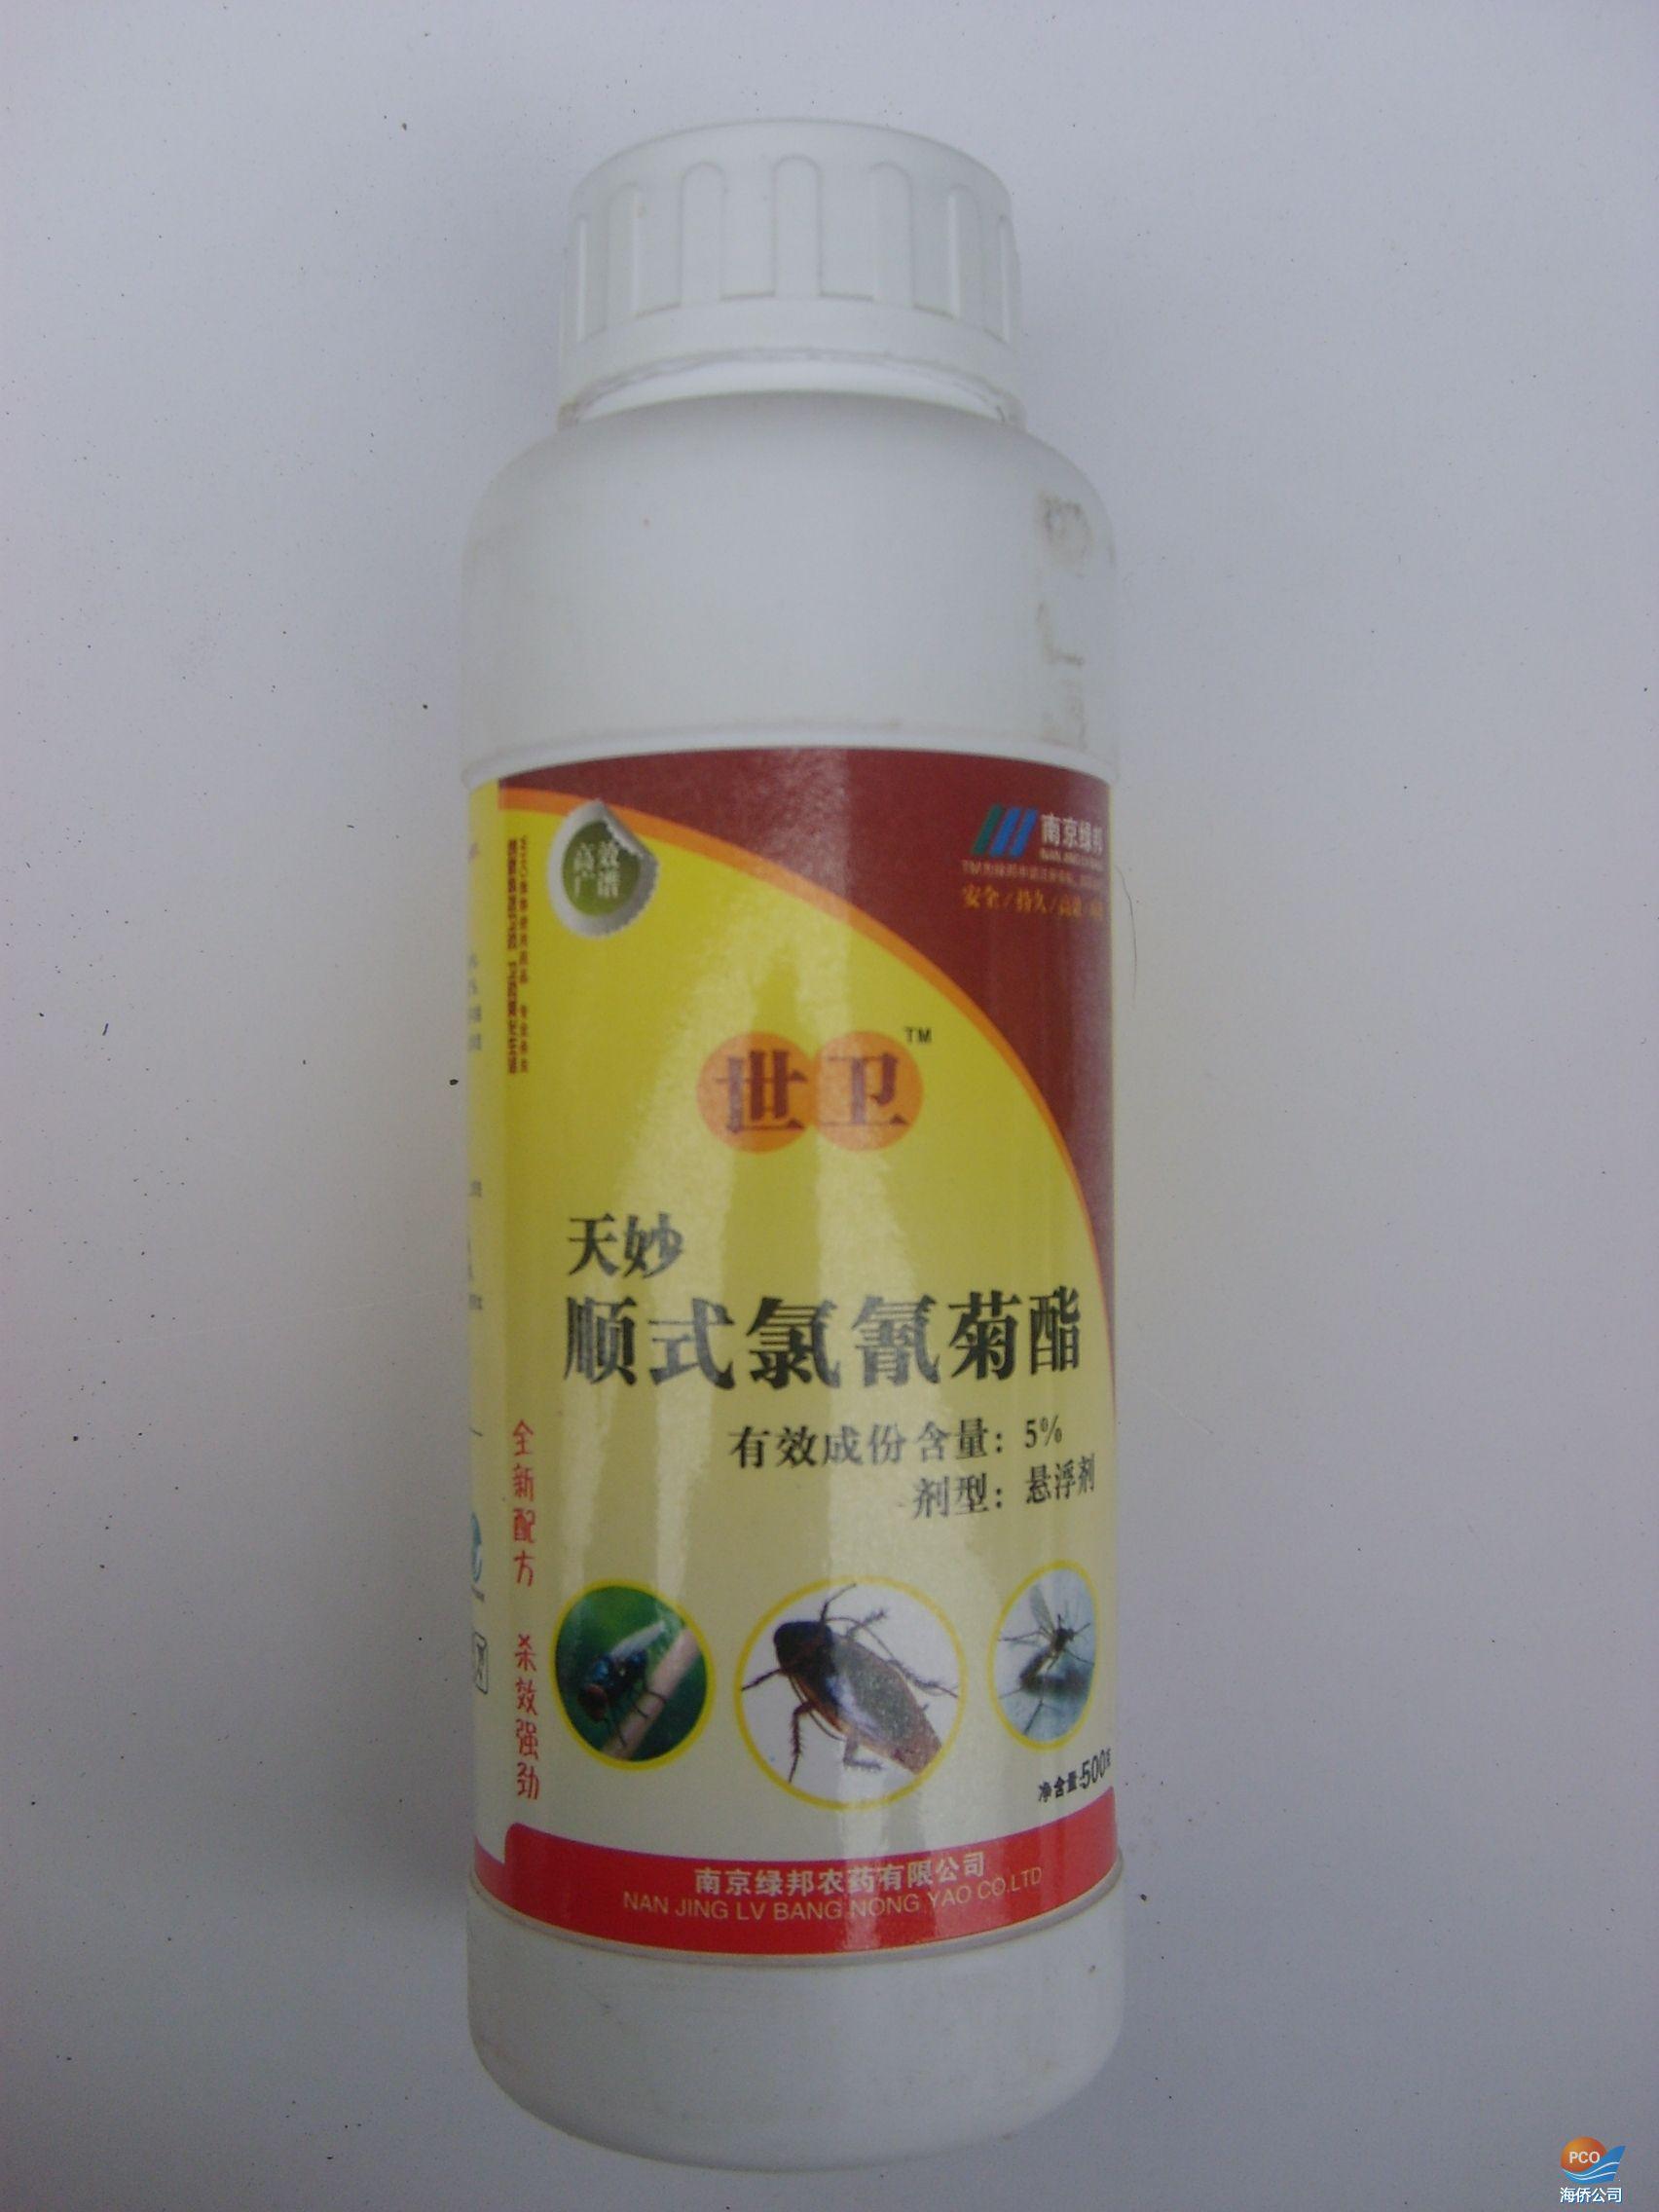 灭蚊蝇药杀虫剂世卫悬浮剂